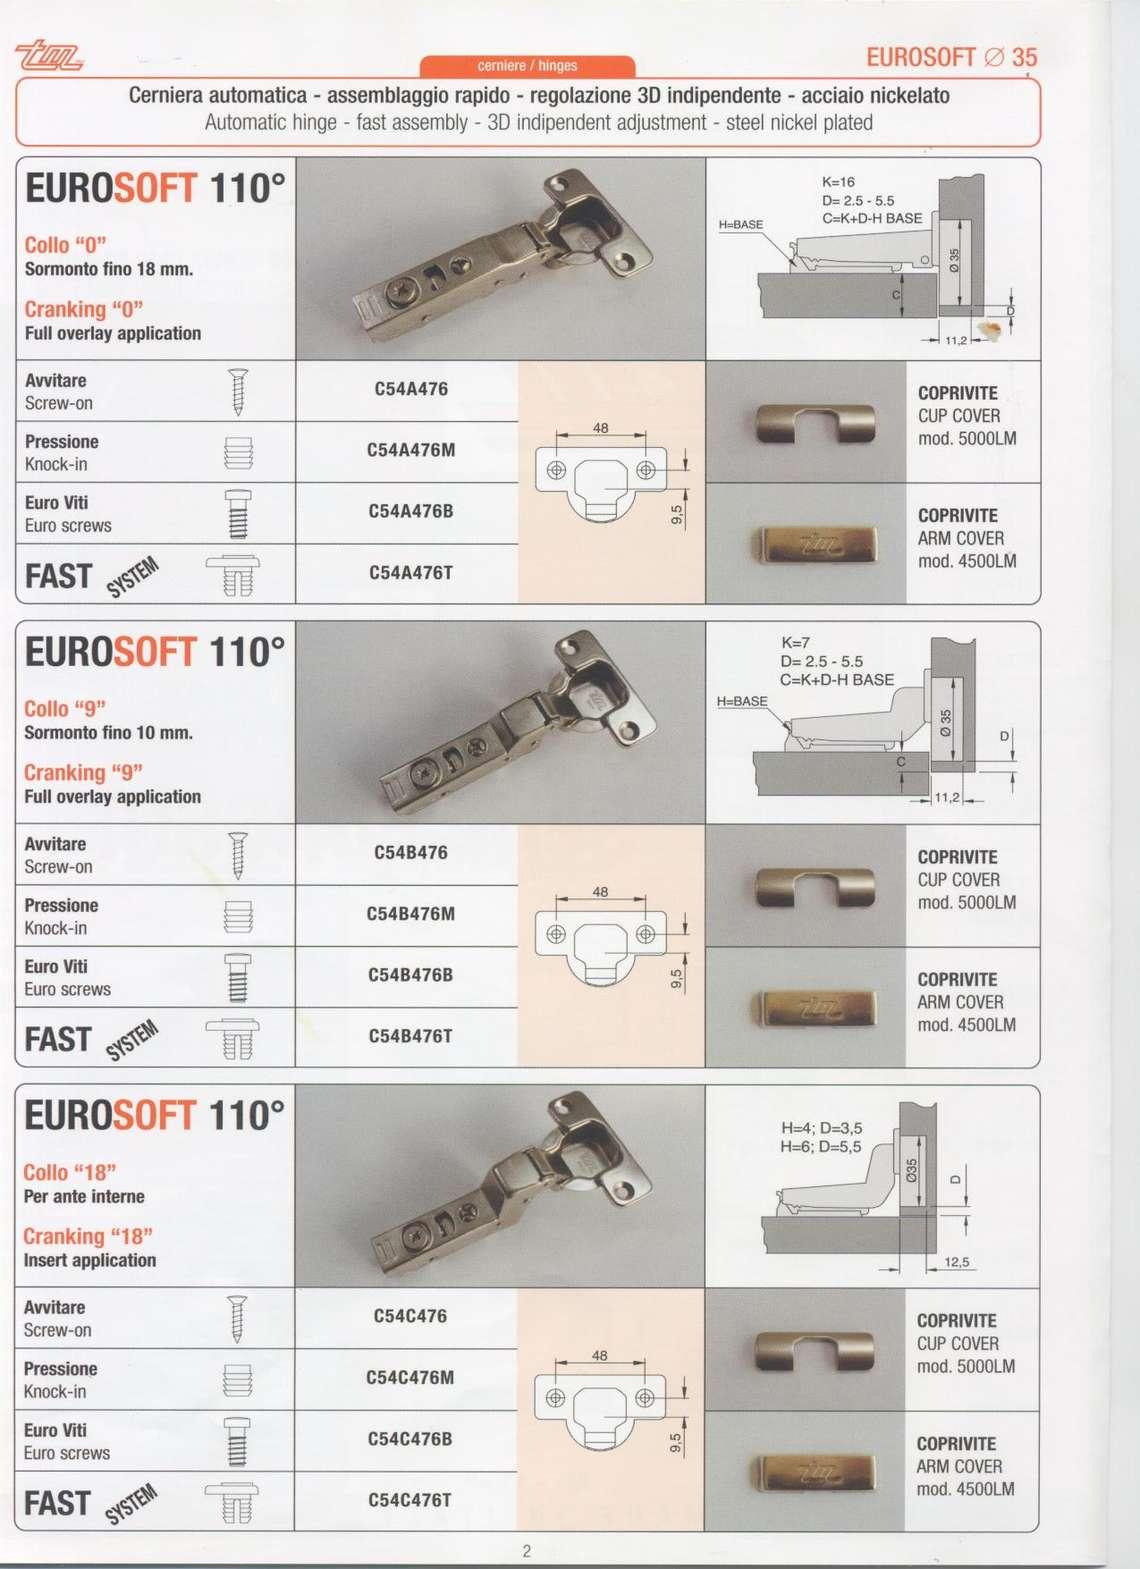 Catalogo cerniere Eurosoft di STM